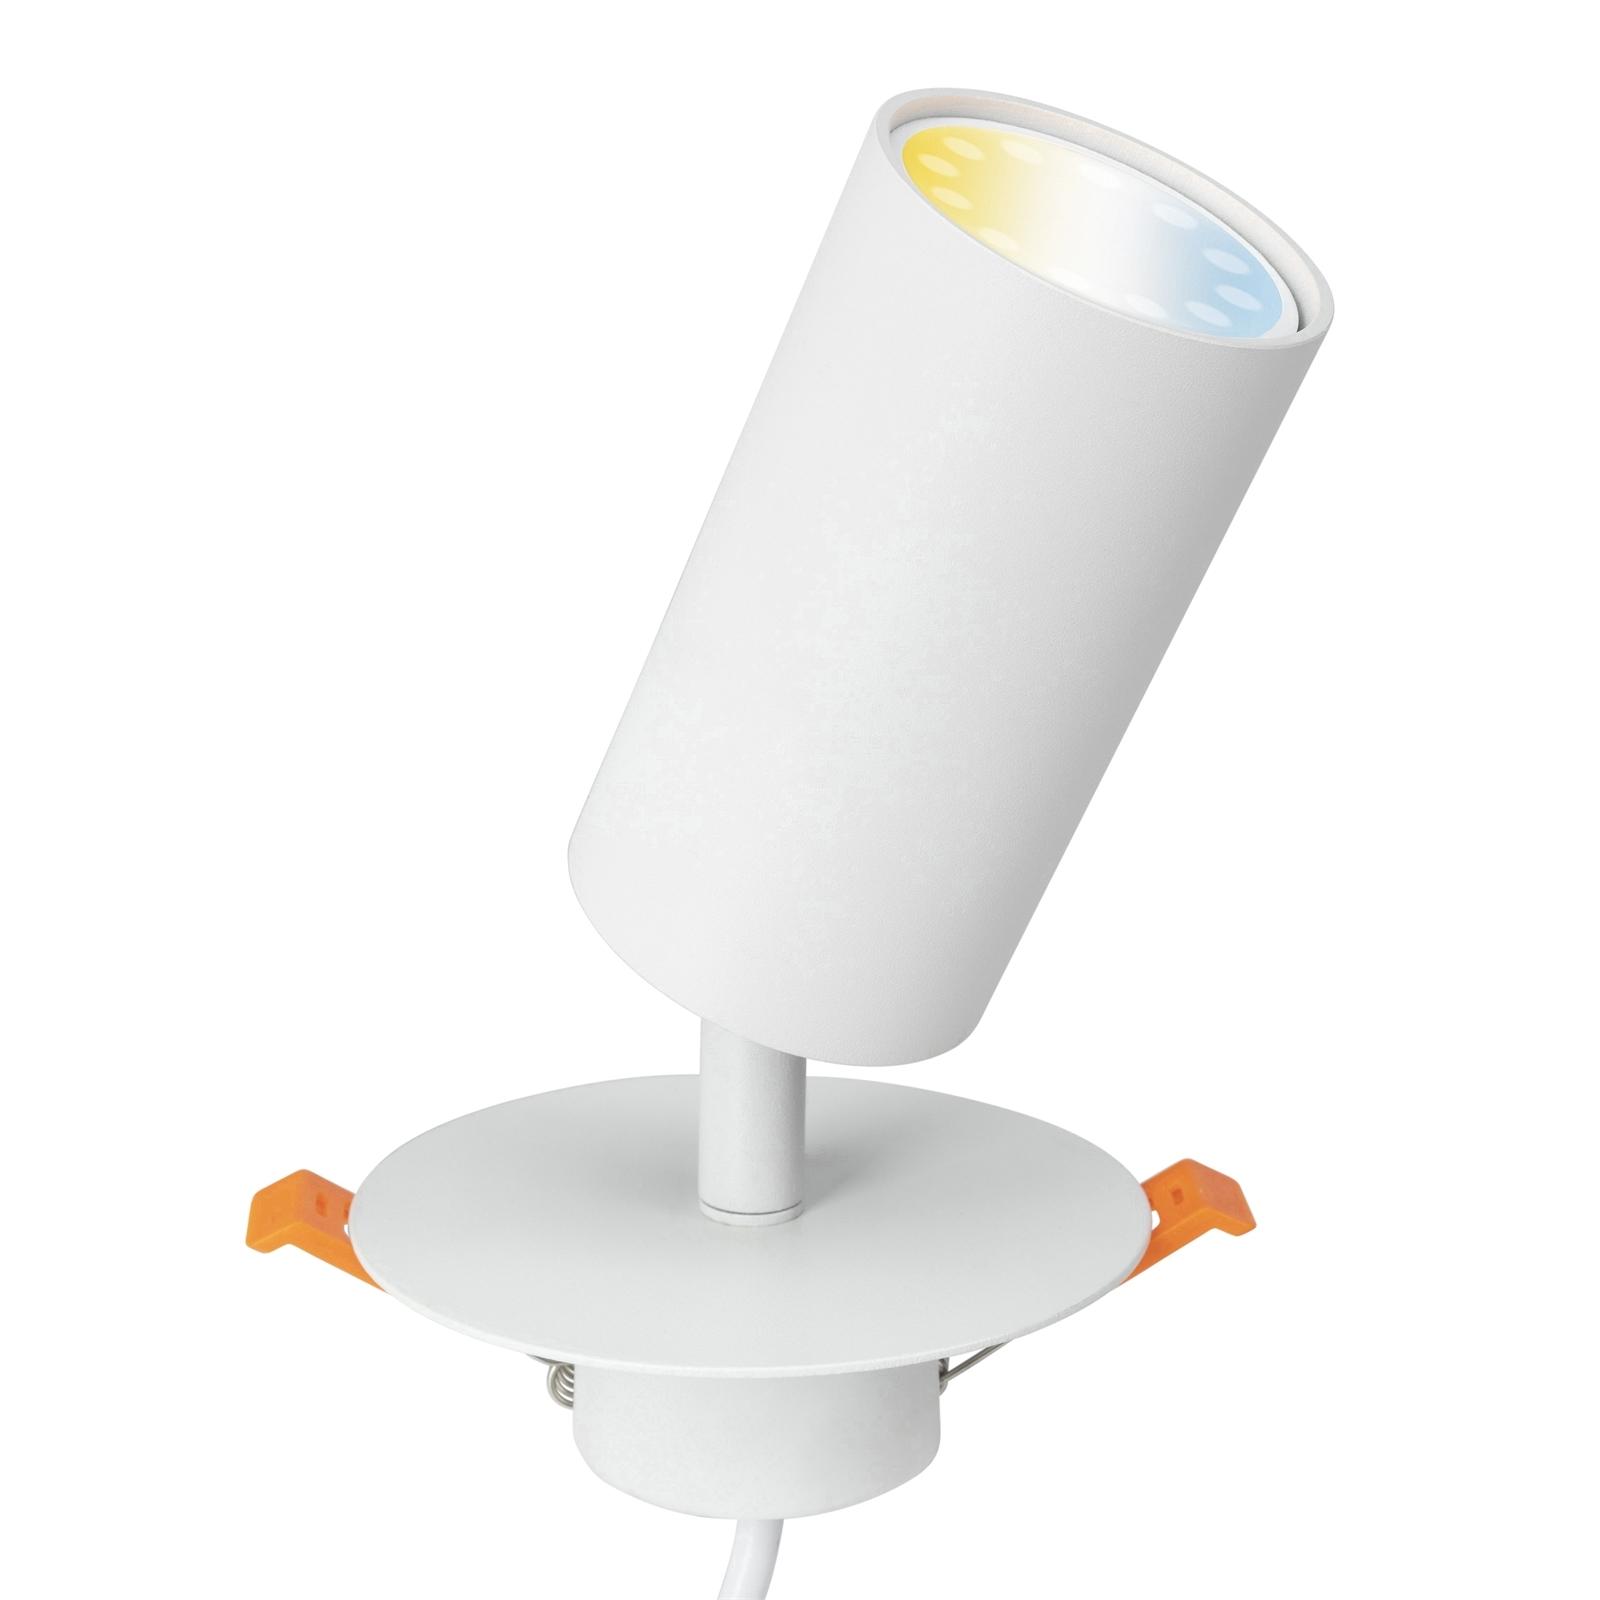 Brilliant White Jez DIY Plug-In Smart Wi-Fi LED Spotlight